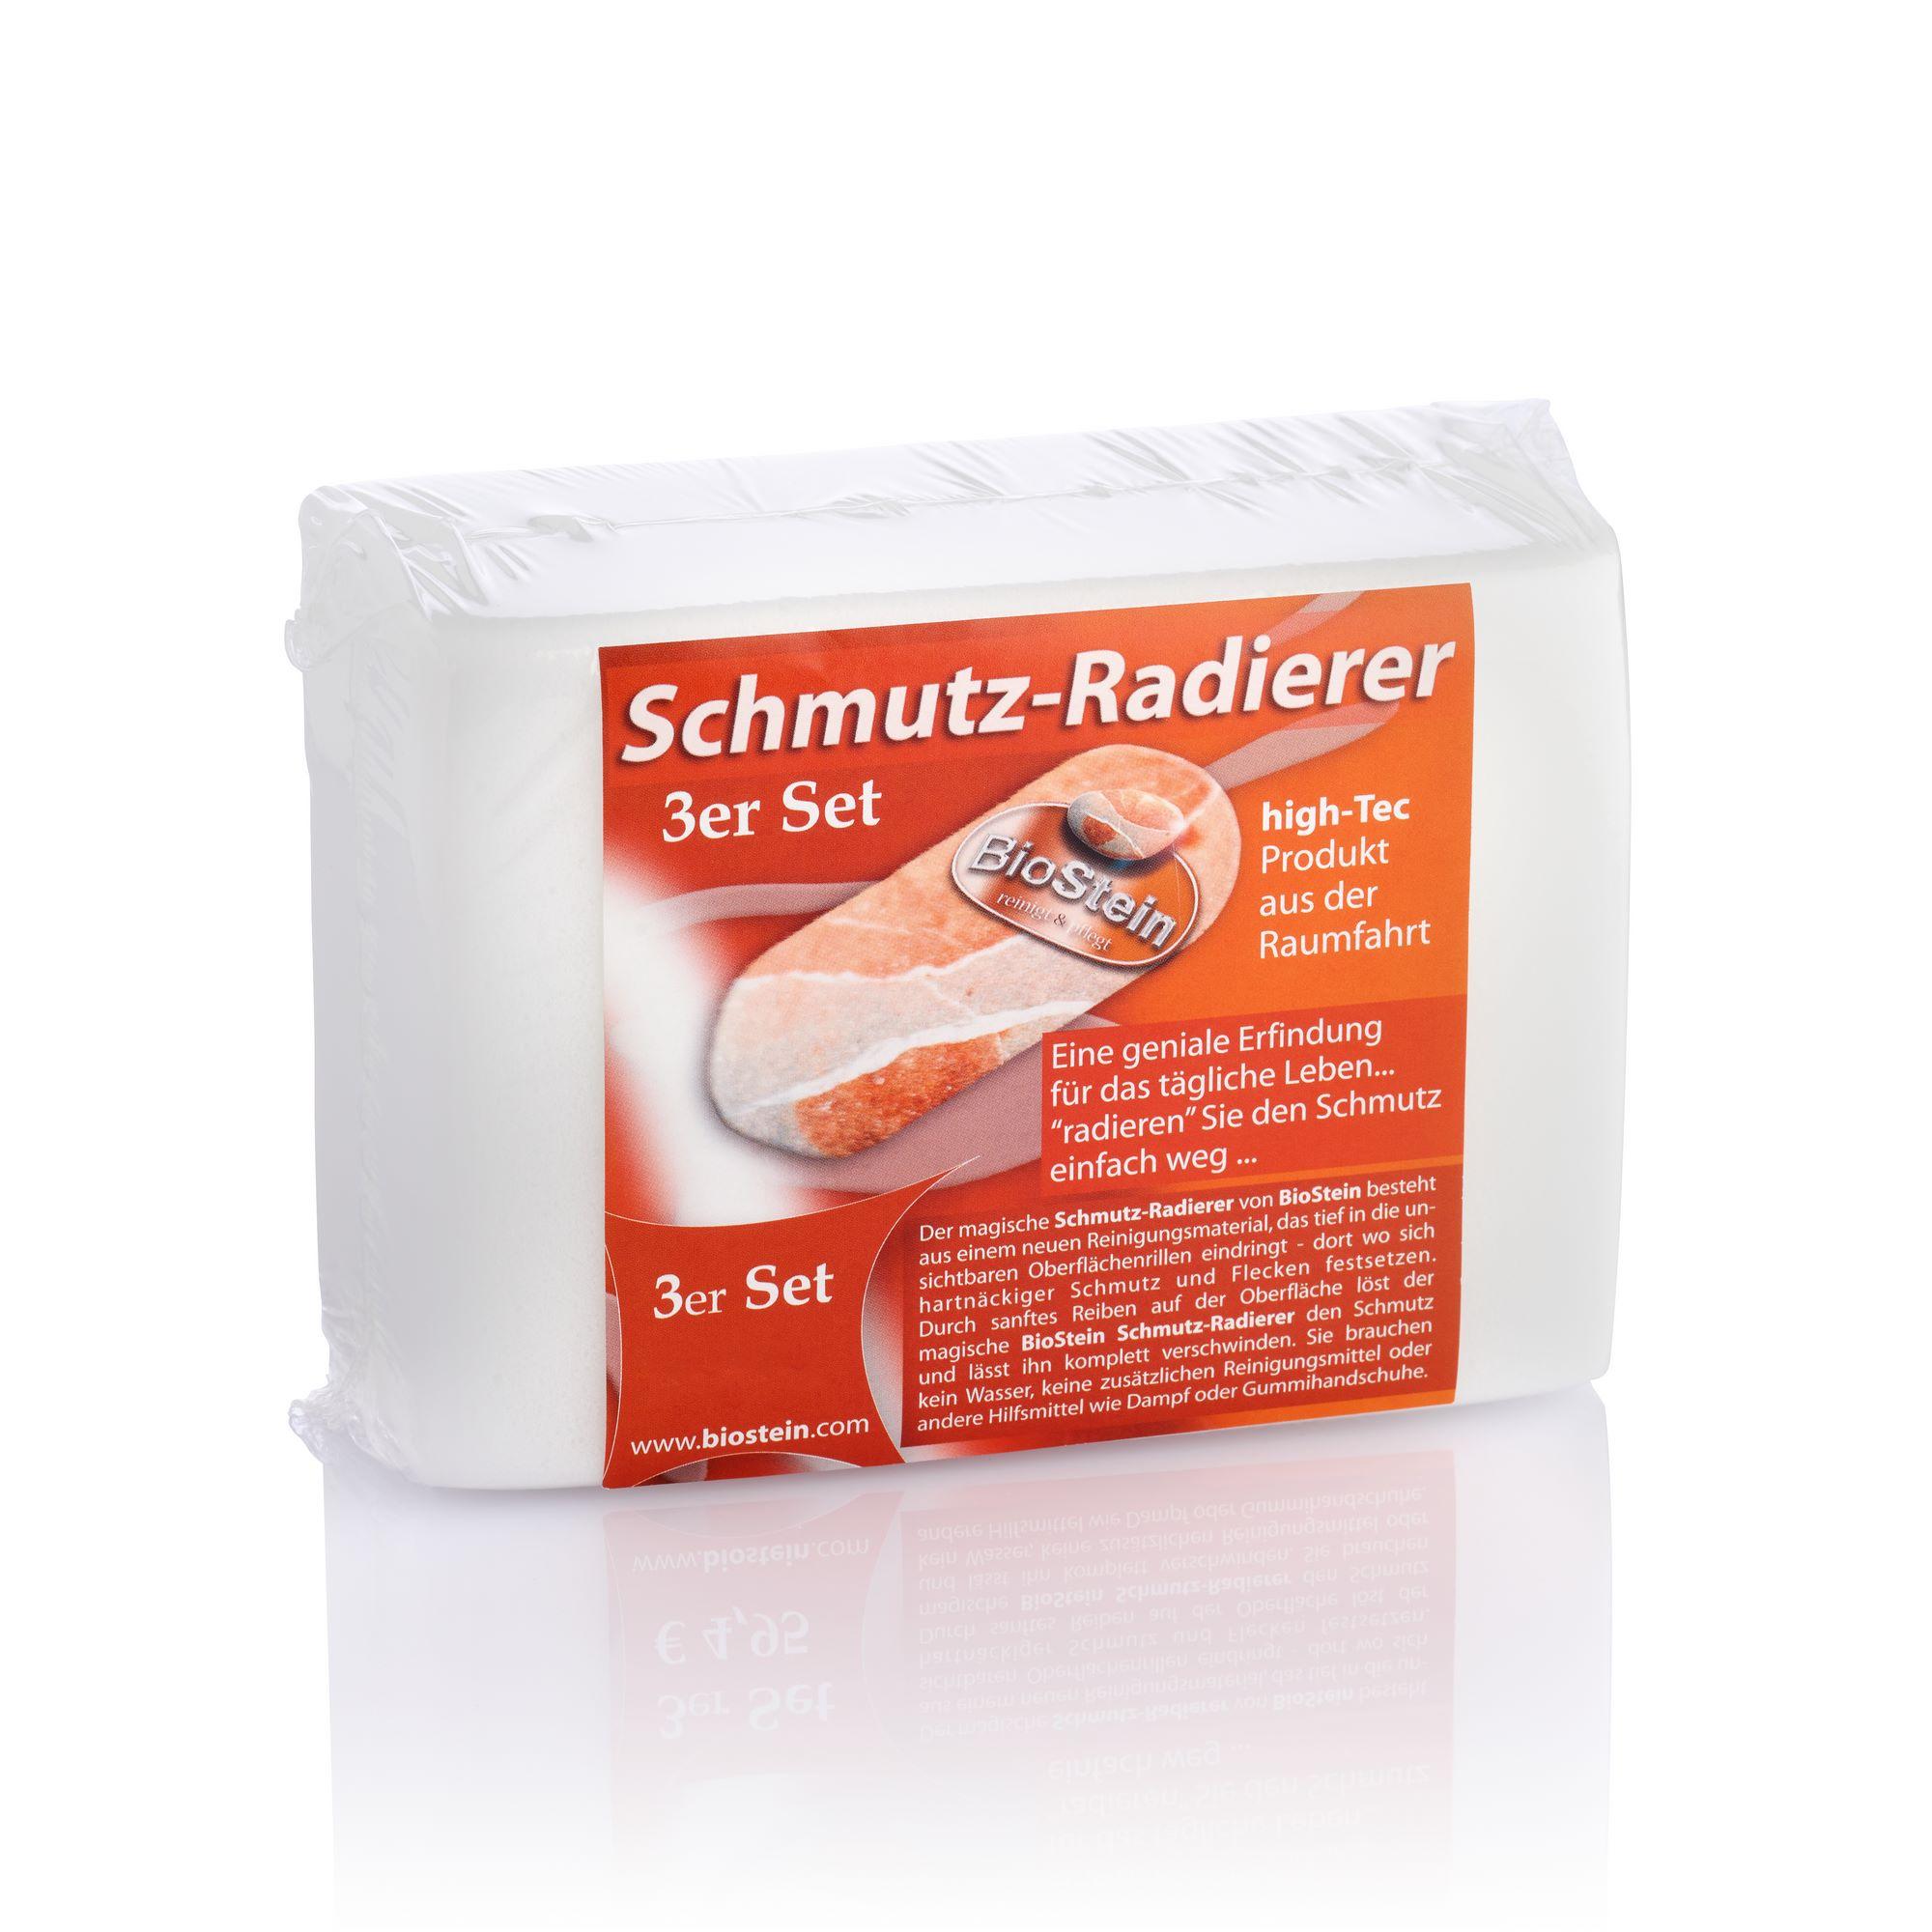 BioStein Schmutzradierer 3er Set